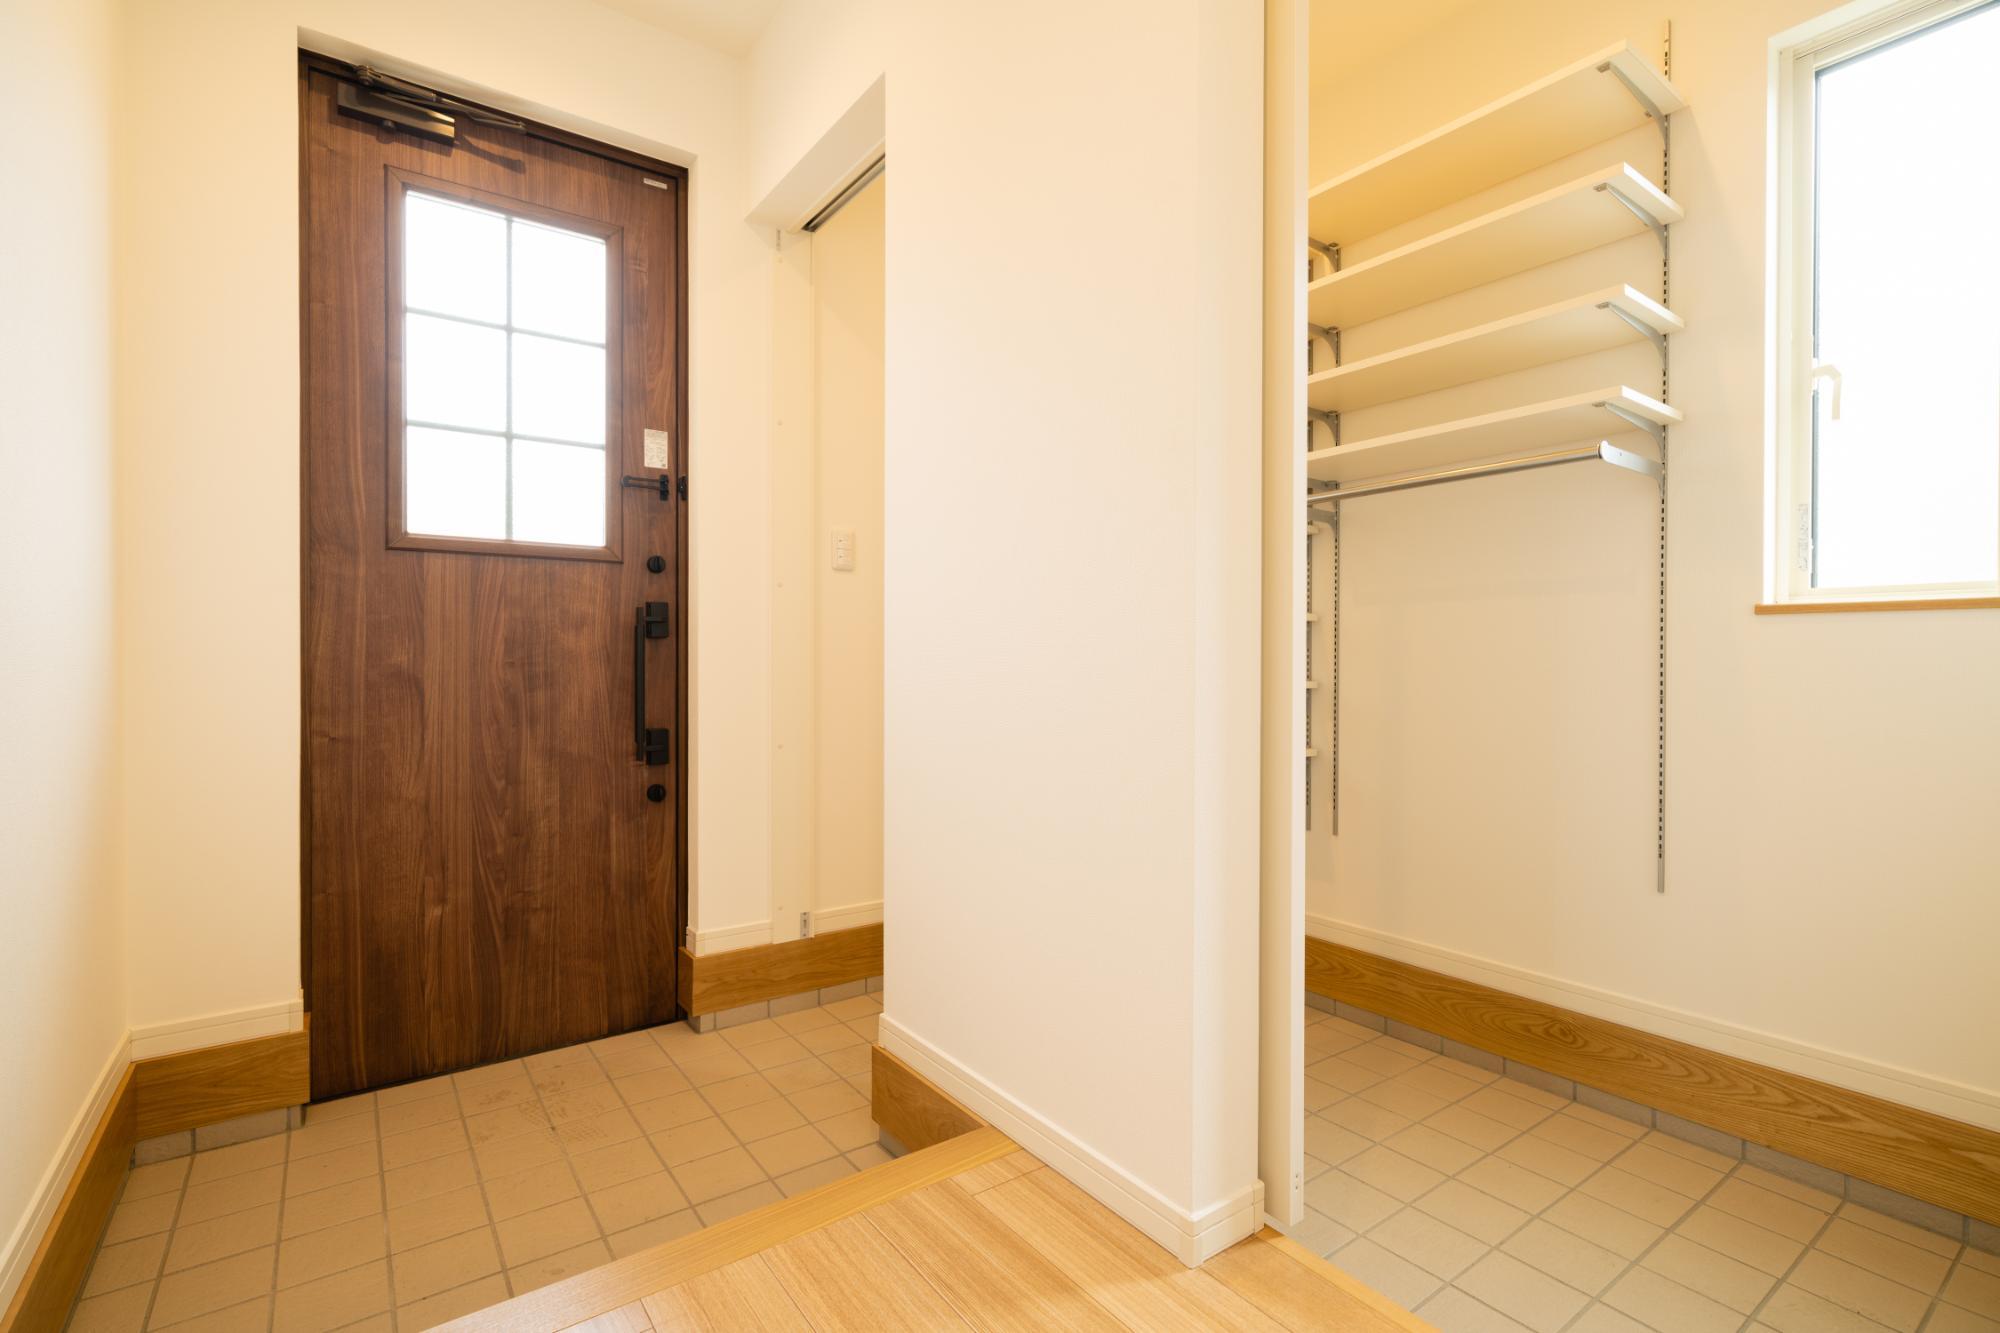 ロクワの家【株式会社 小野組 ライフビルダーグループ】「自分だけの空と暮らす家」の玄関の実例写真